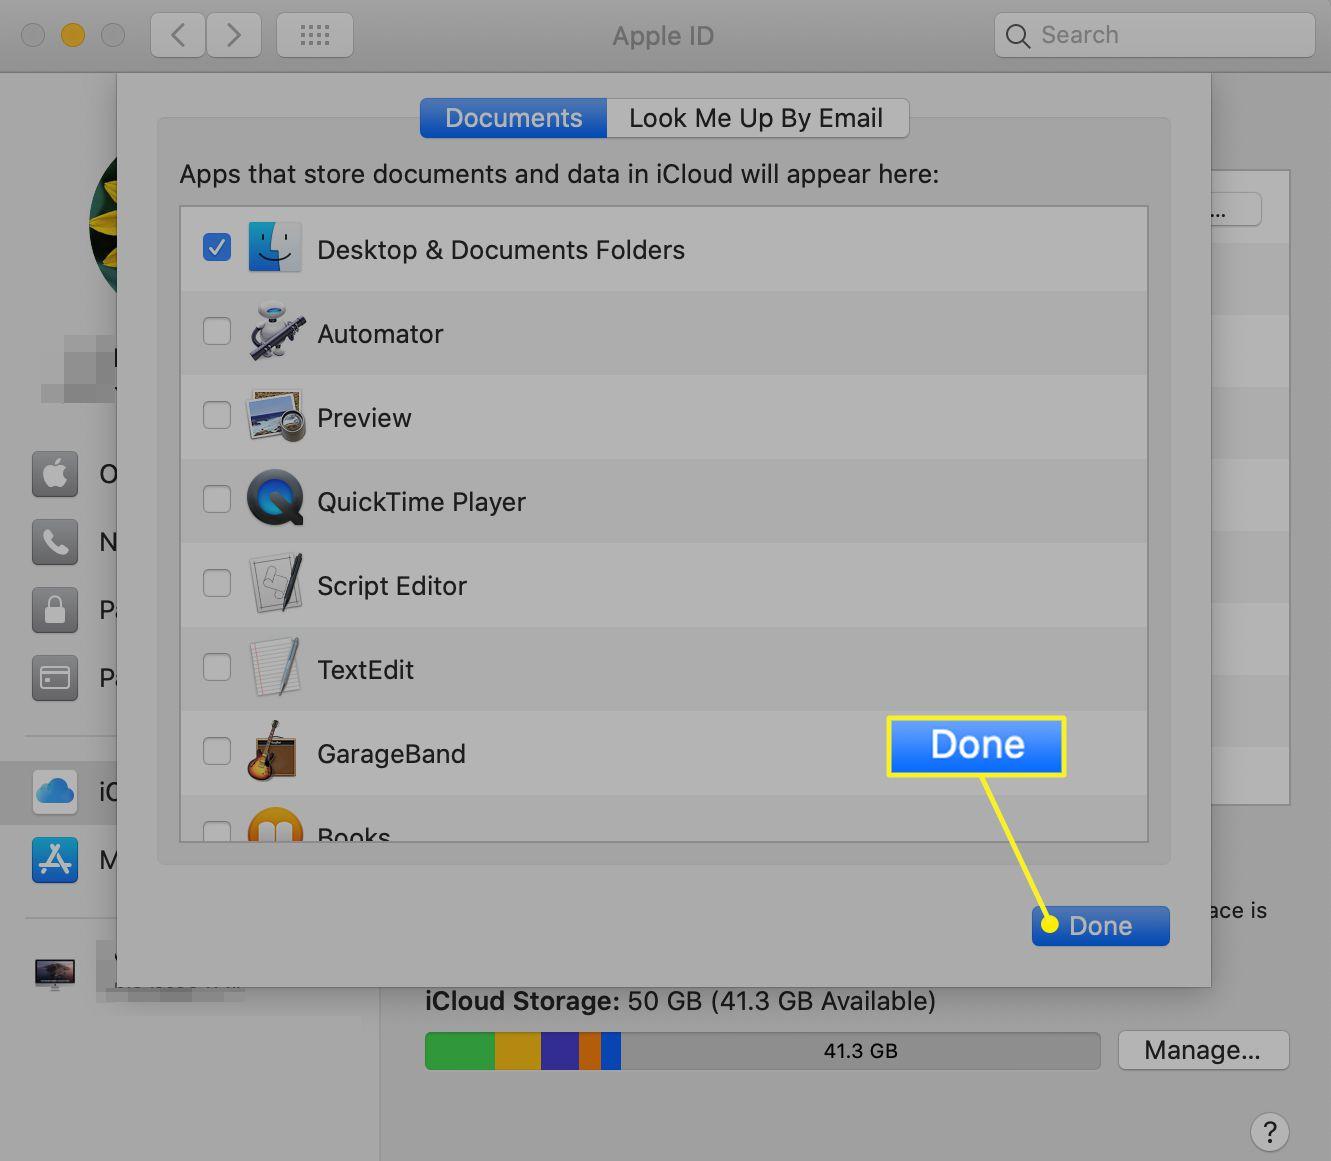 iCloud app list in iCloud preferences